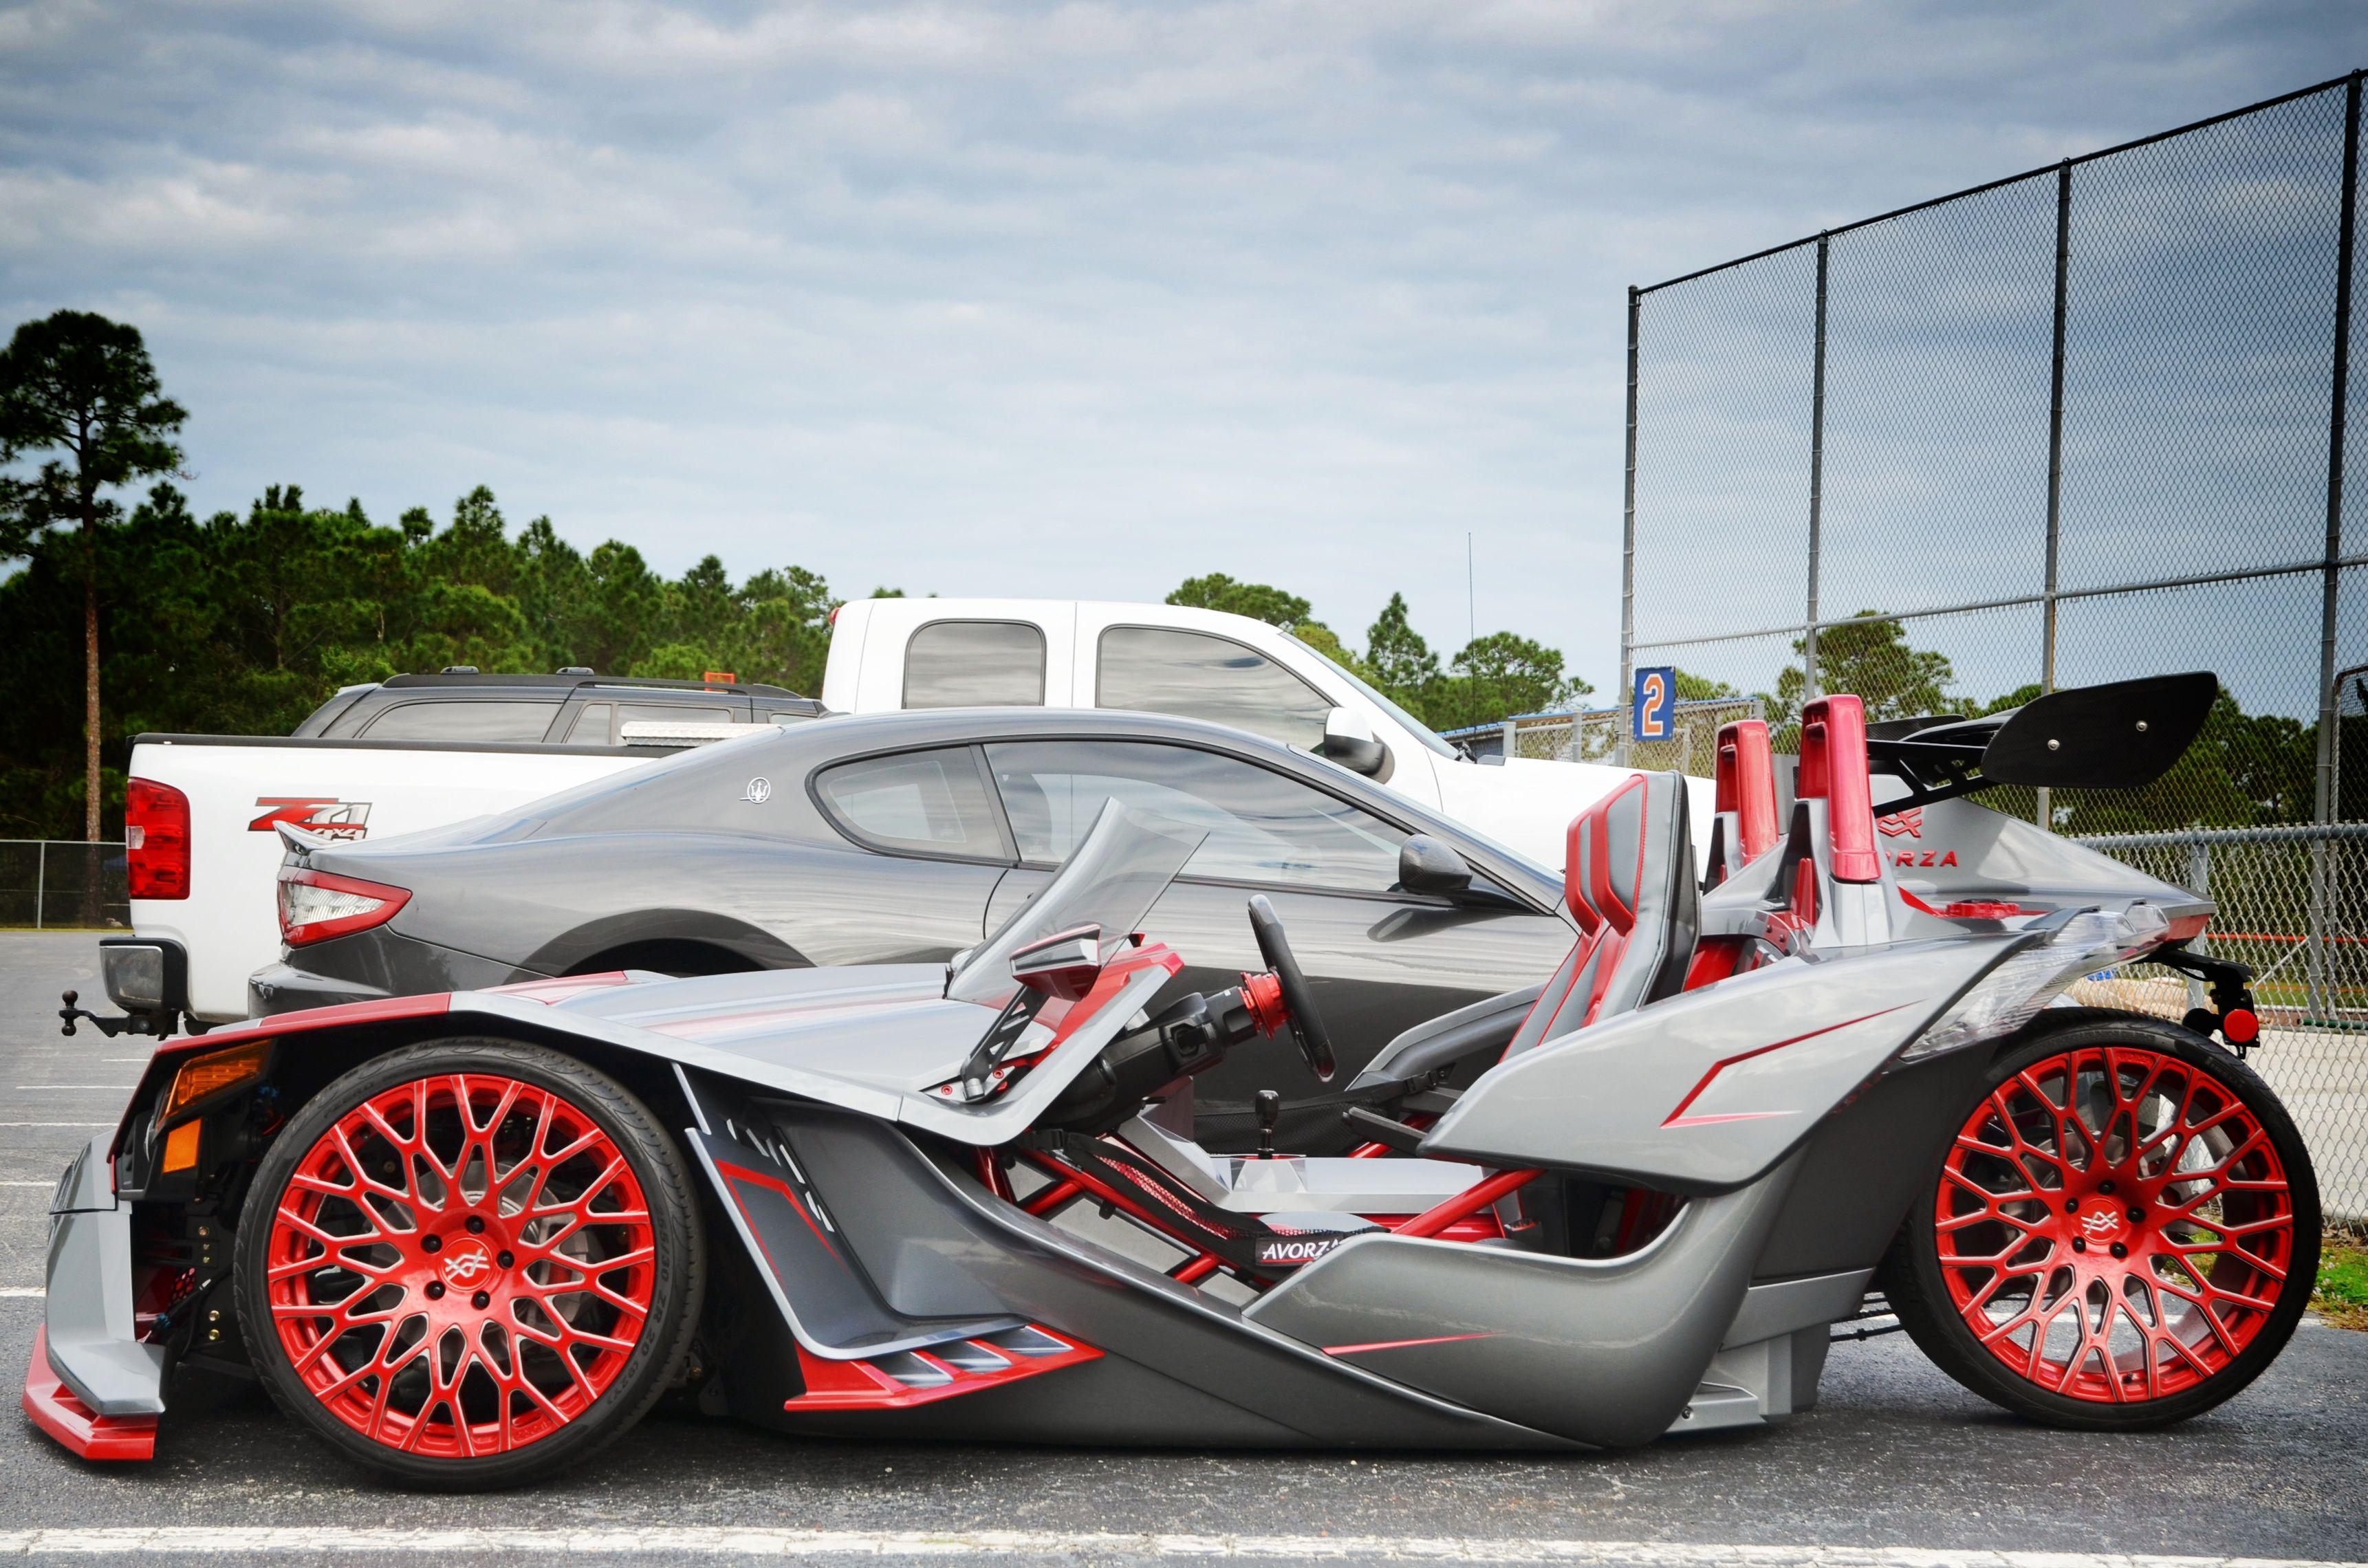 Move Over Matt Harvey Cespedes Is Driving The Batmobile Slingshot Car Polaris Slingshot Reverse Trike